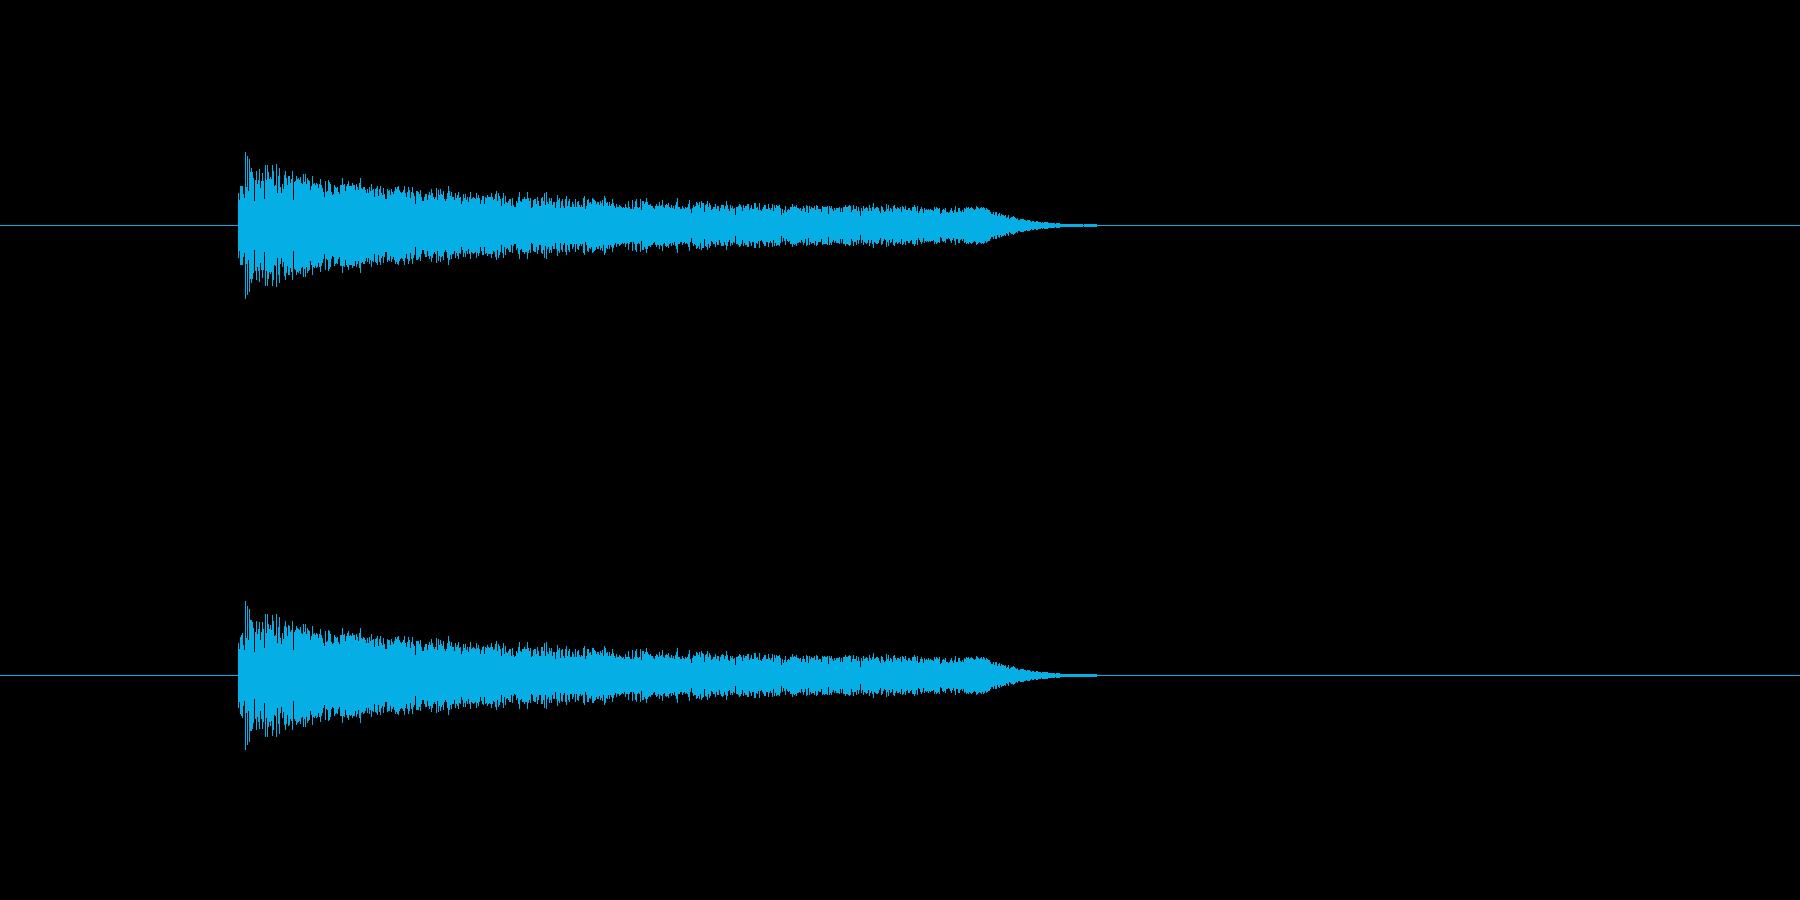 ういーと機械が動くような音ですの再生済みの波形